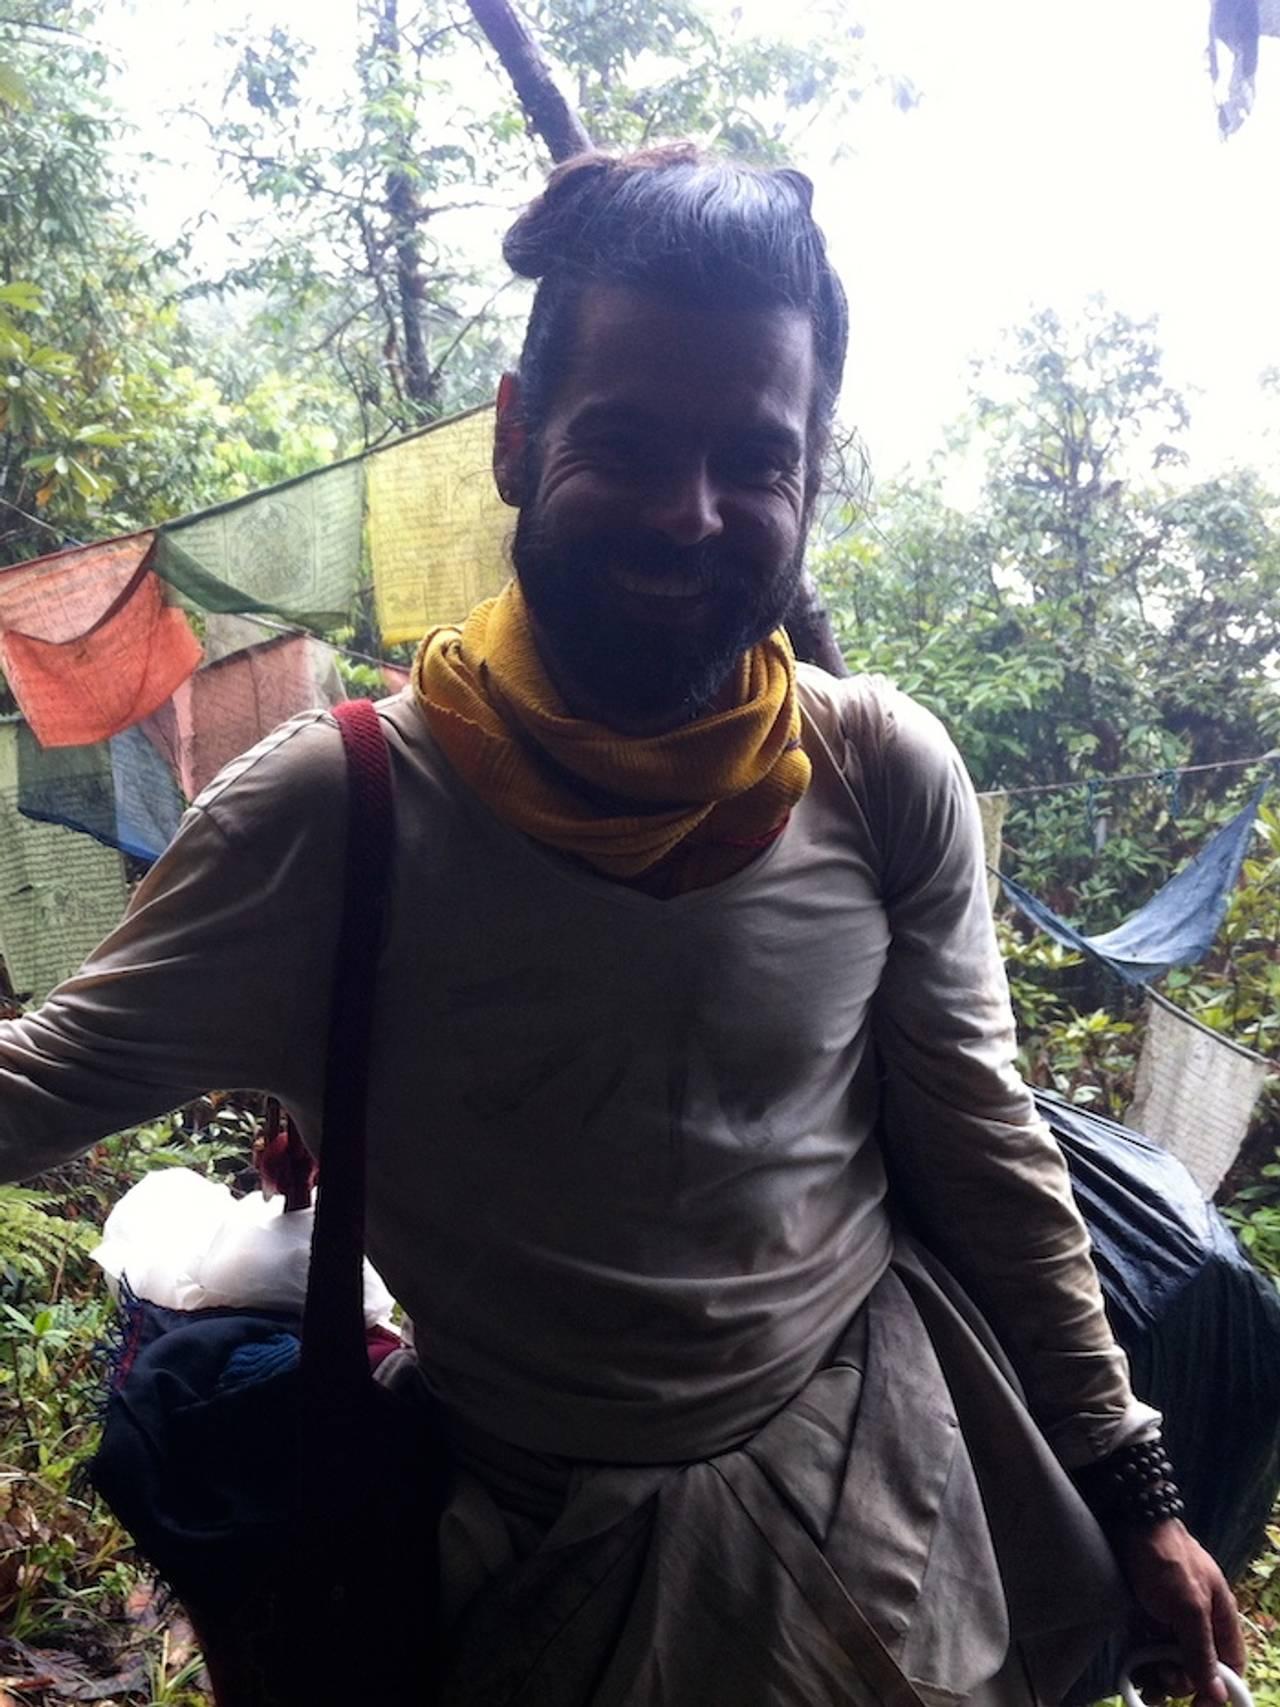 Jørgen Nøvik med vandirngstav og stort smil på vandring i jungelen i Himalaya